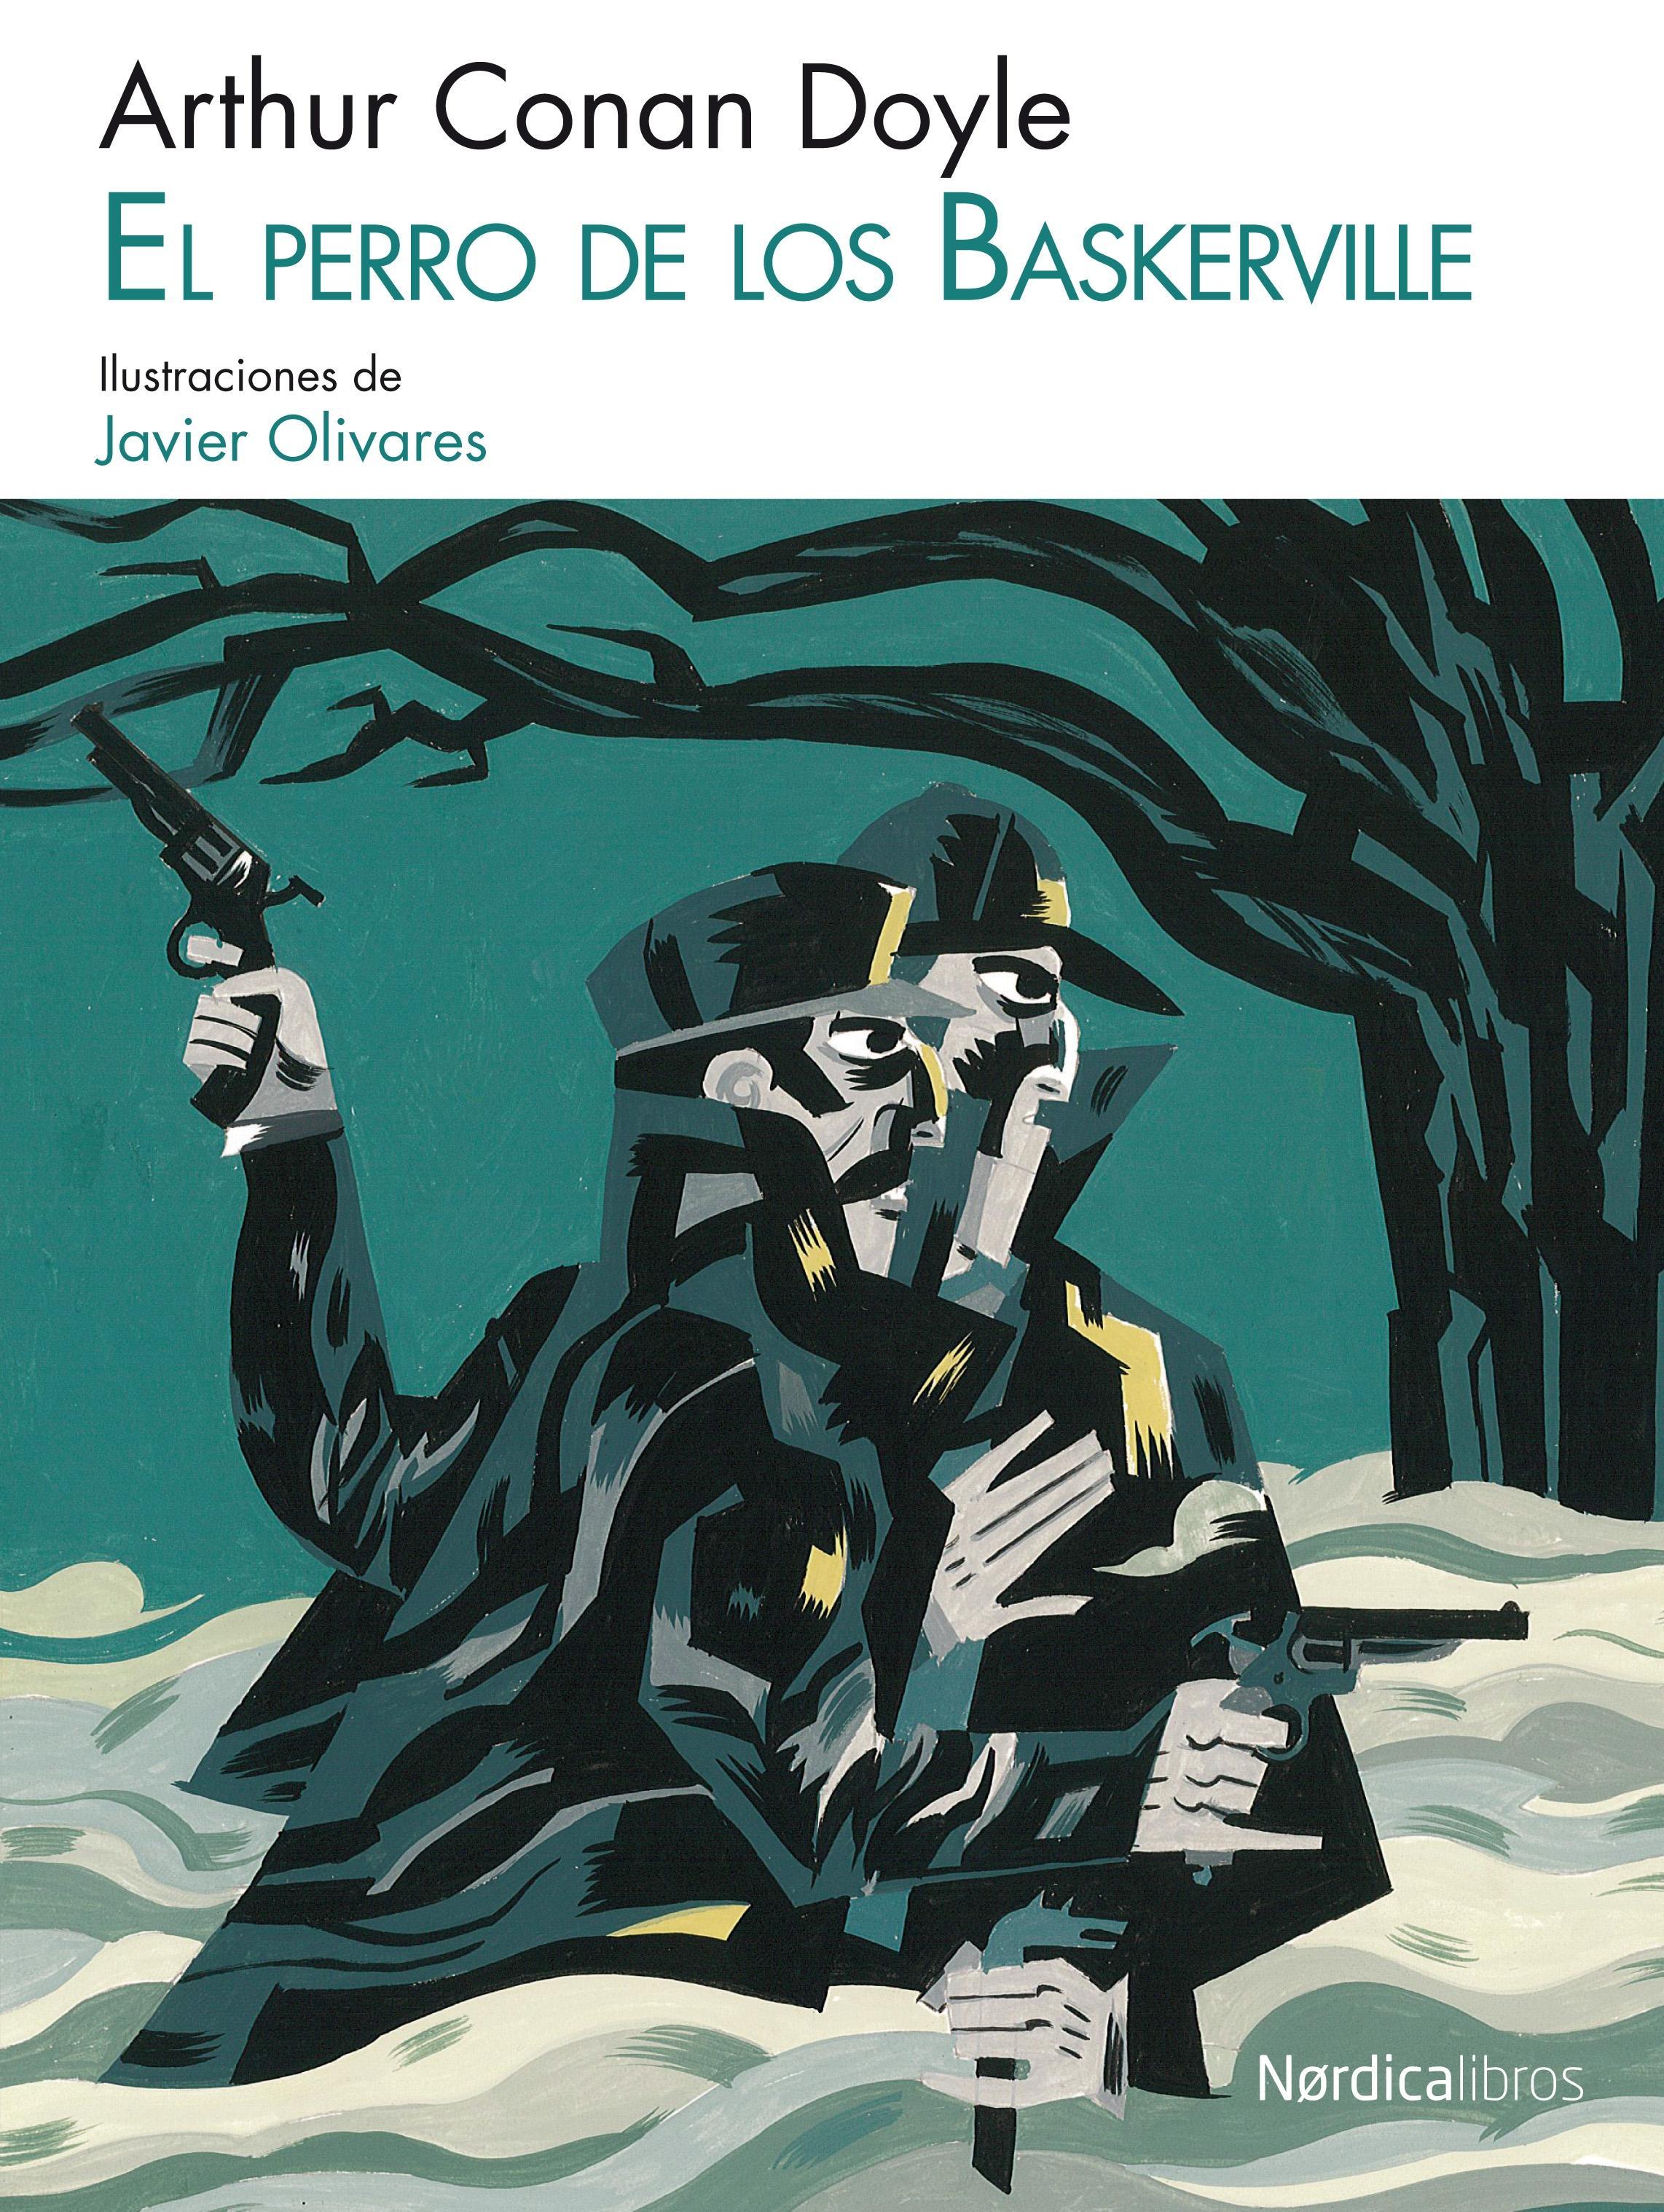 El perro de los Baskerville, Arthur Conan Doyle. Novela de detectives.